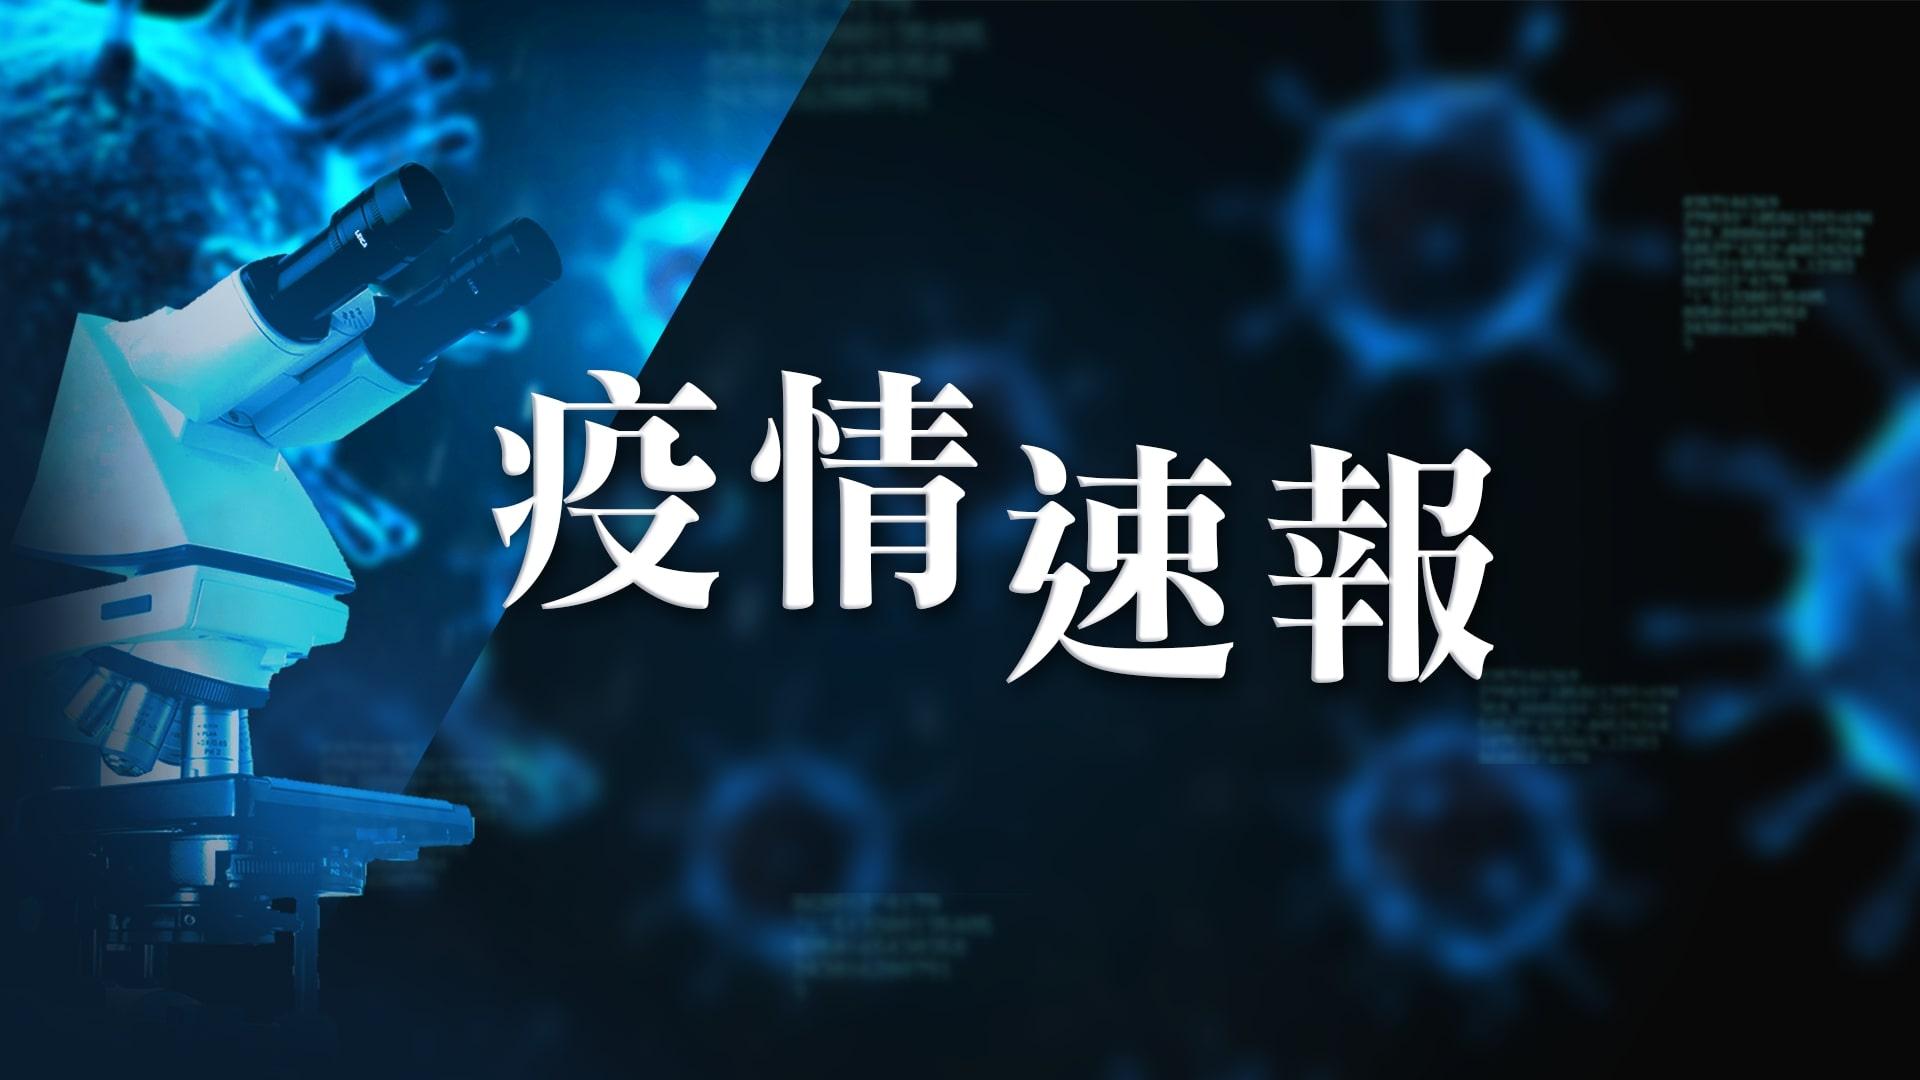 【2月18日疫情速報】(23:00)